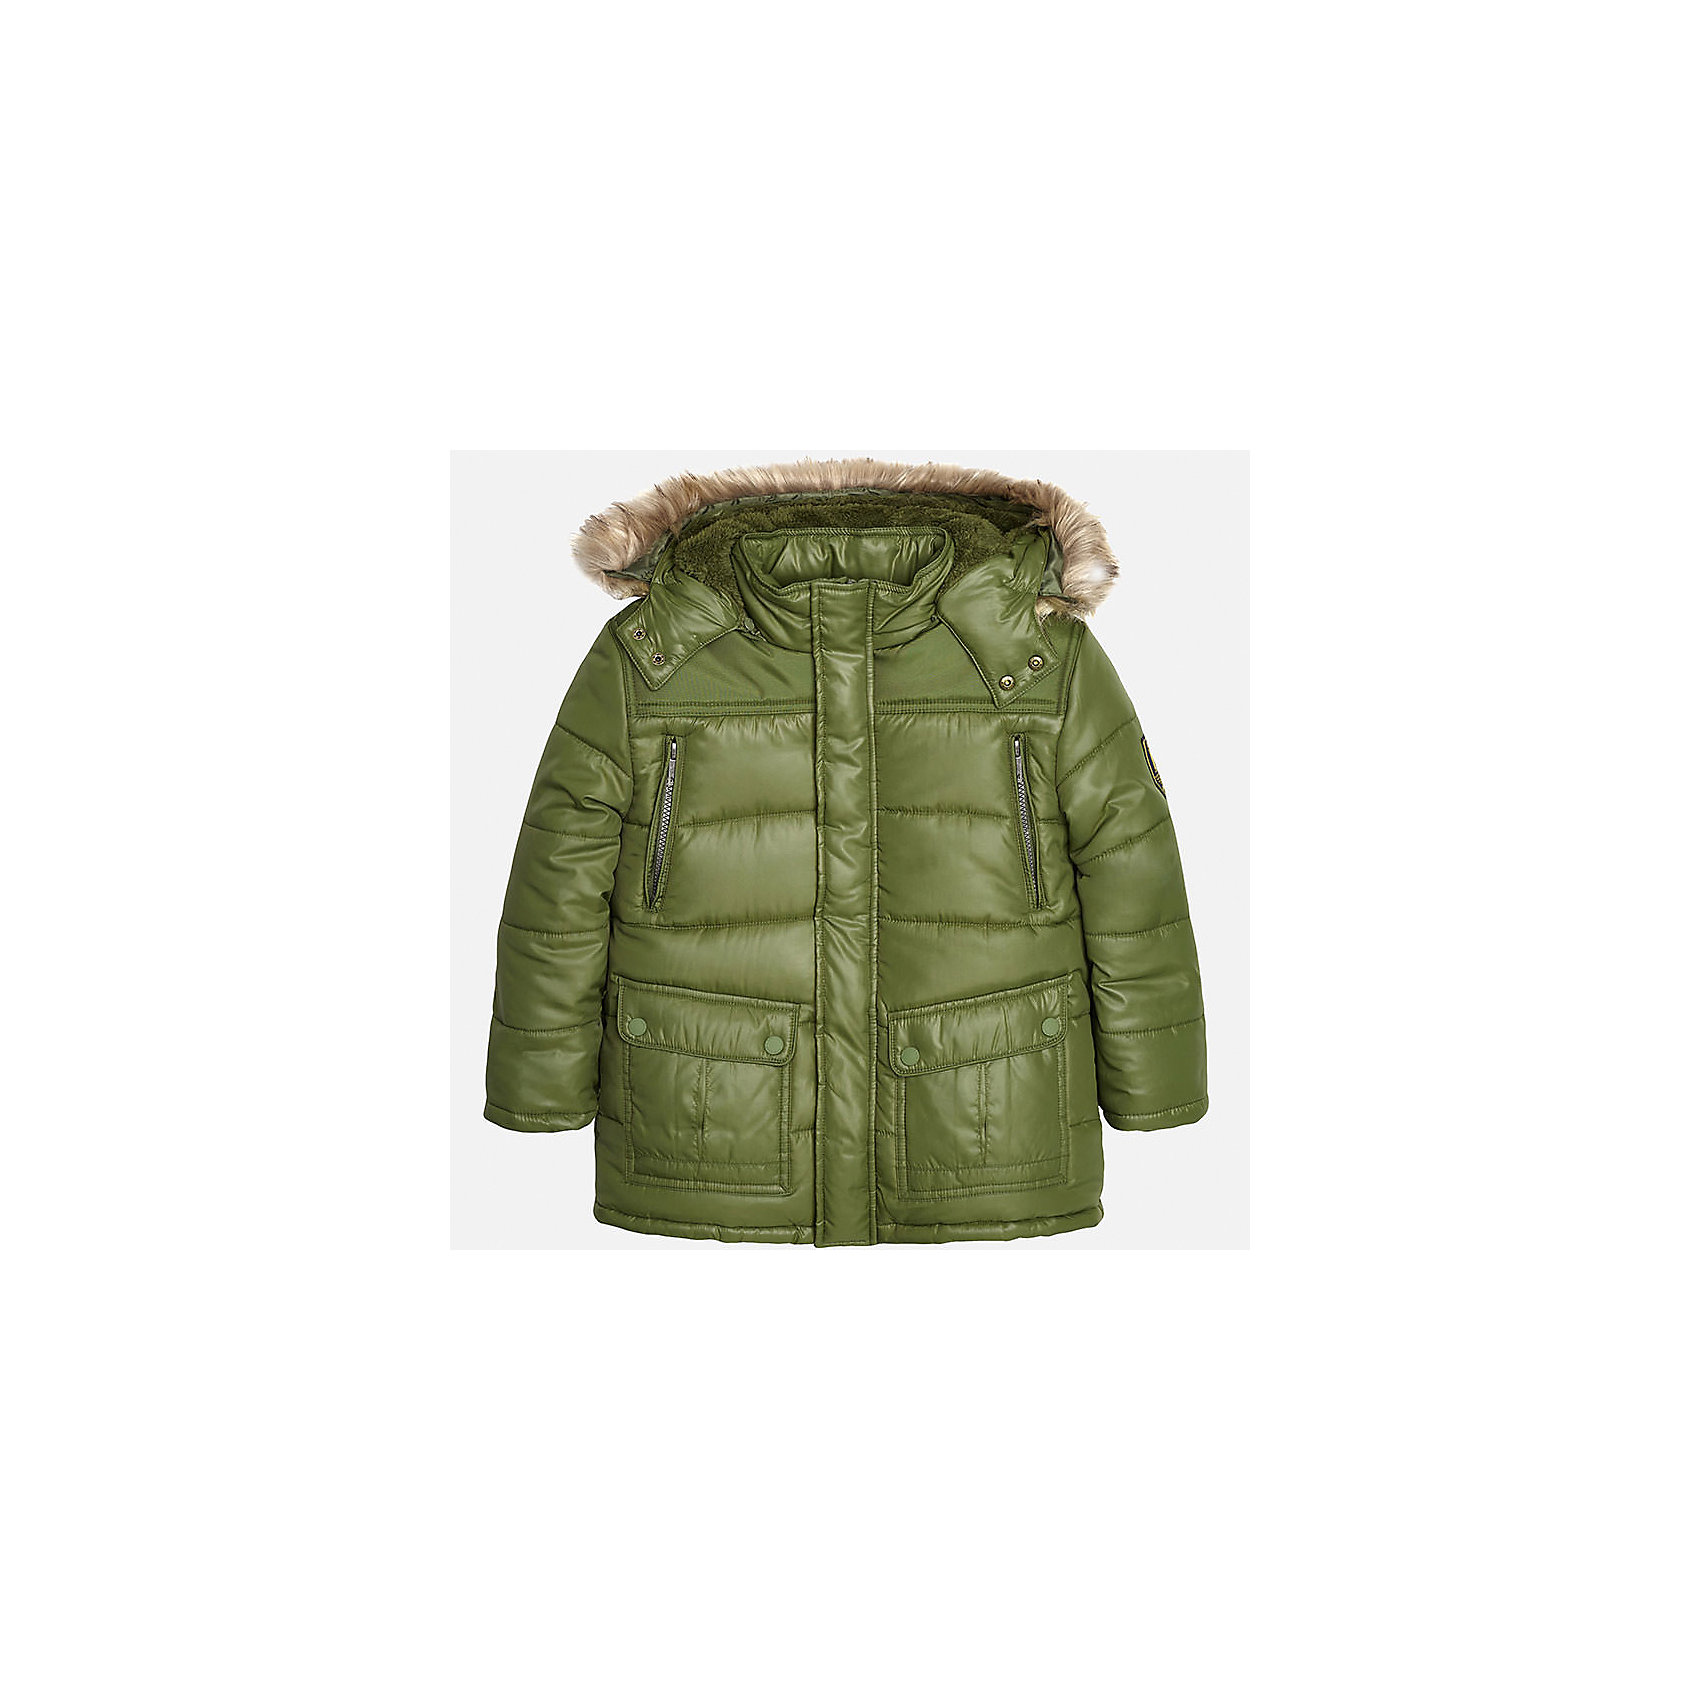 Куртка для мальчика MayoralВерхняя одежда<br>Теплая куртка для мальчика от популярного испанского бренда Mayoral(Майорал). Куртка очень удобная, изготовлена из материалов, отлично сохраняющих тепло. Есть капюшон с искусственным мехом, застегивается на кнопки. Куртка застегивается на молнию, есть 2 кармана на груди и 2 кармана по бокам.<br><br>Дополнительная информация:<br>Состав: 100% полиэстер<br>Цвет: зеленый<br>Куртку Mayoral(Майорал) можно купить в нашем интернет-магазине.<br><br>Ширина мм: 356<br>Глубина мм: 10<br>Высота мм: 245<br>Вес г: 519<br>Цвет: хаки<br>Возраст от месяцев: 96<br>Возраст до месяцев: 108<br>Пол: Мужской<br>Возраст: Детский<br>Размер: 128/134,164/170,146/152,140/146,152/158,158/164<br>SKU: 4827134